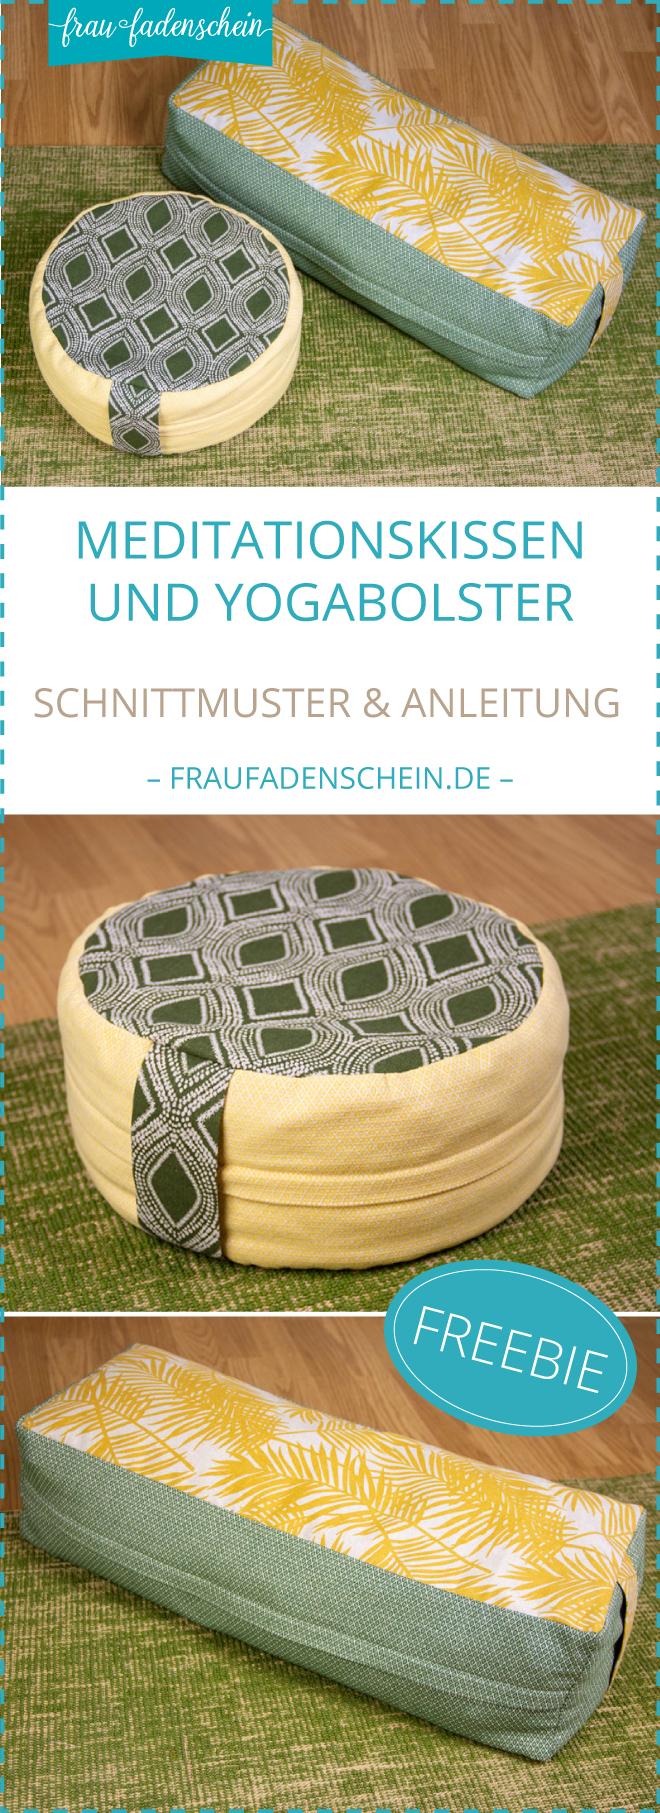 {Werbung} Kostenloses Schnittmuster: Meditationskissen und Yogabolster